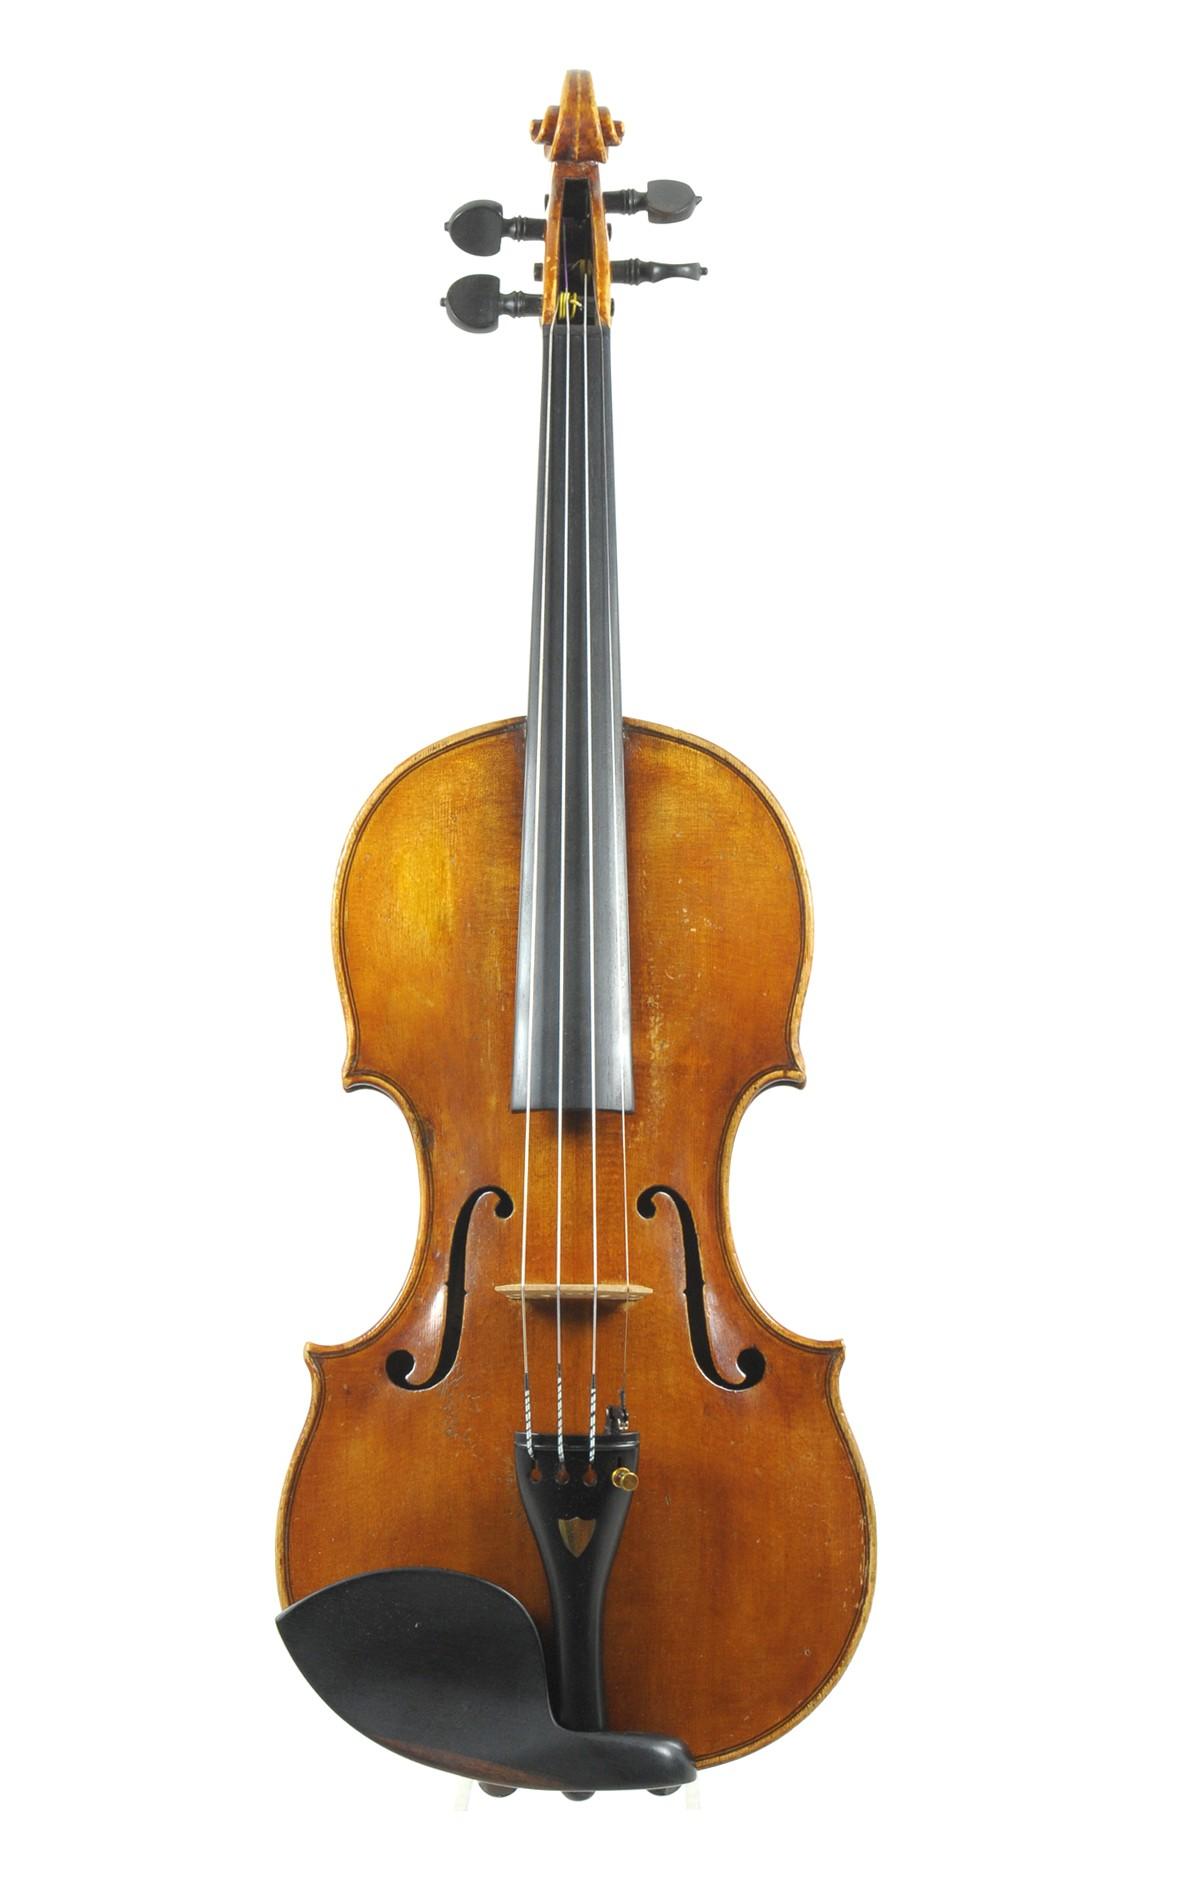 Czech violin, ca. 1900 - top